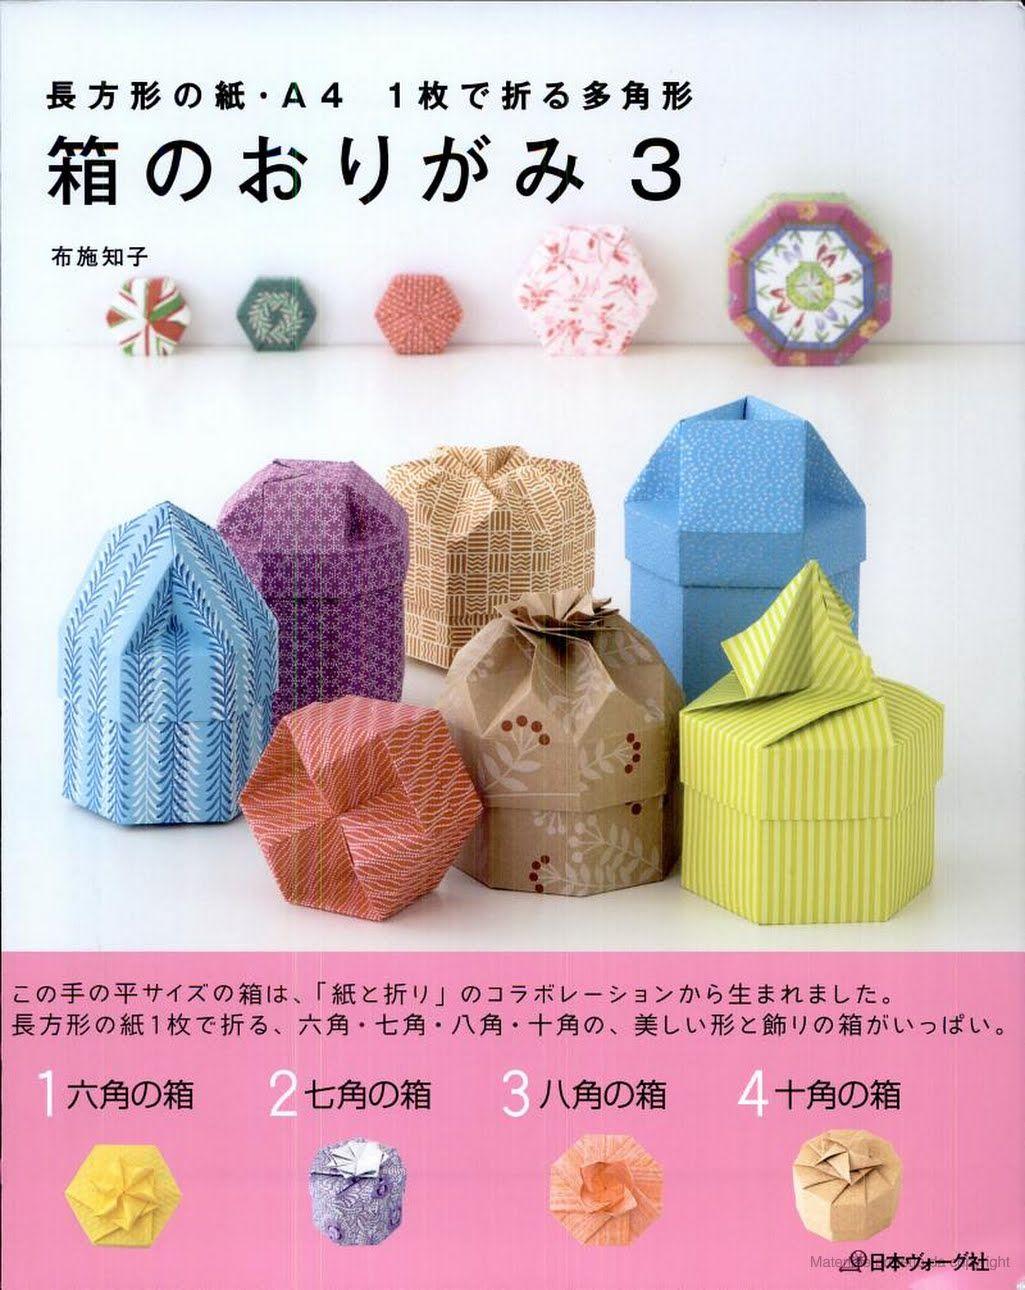 箱のおりがみ3 長方形の紙 A4 1枚で折る多角形 布施知子 Google Libri Origami Cores